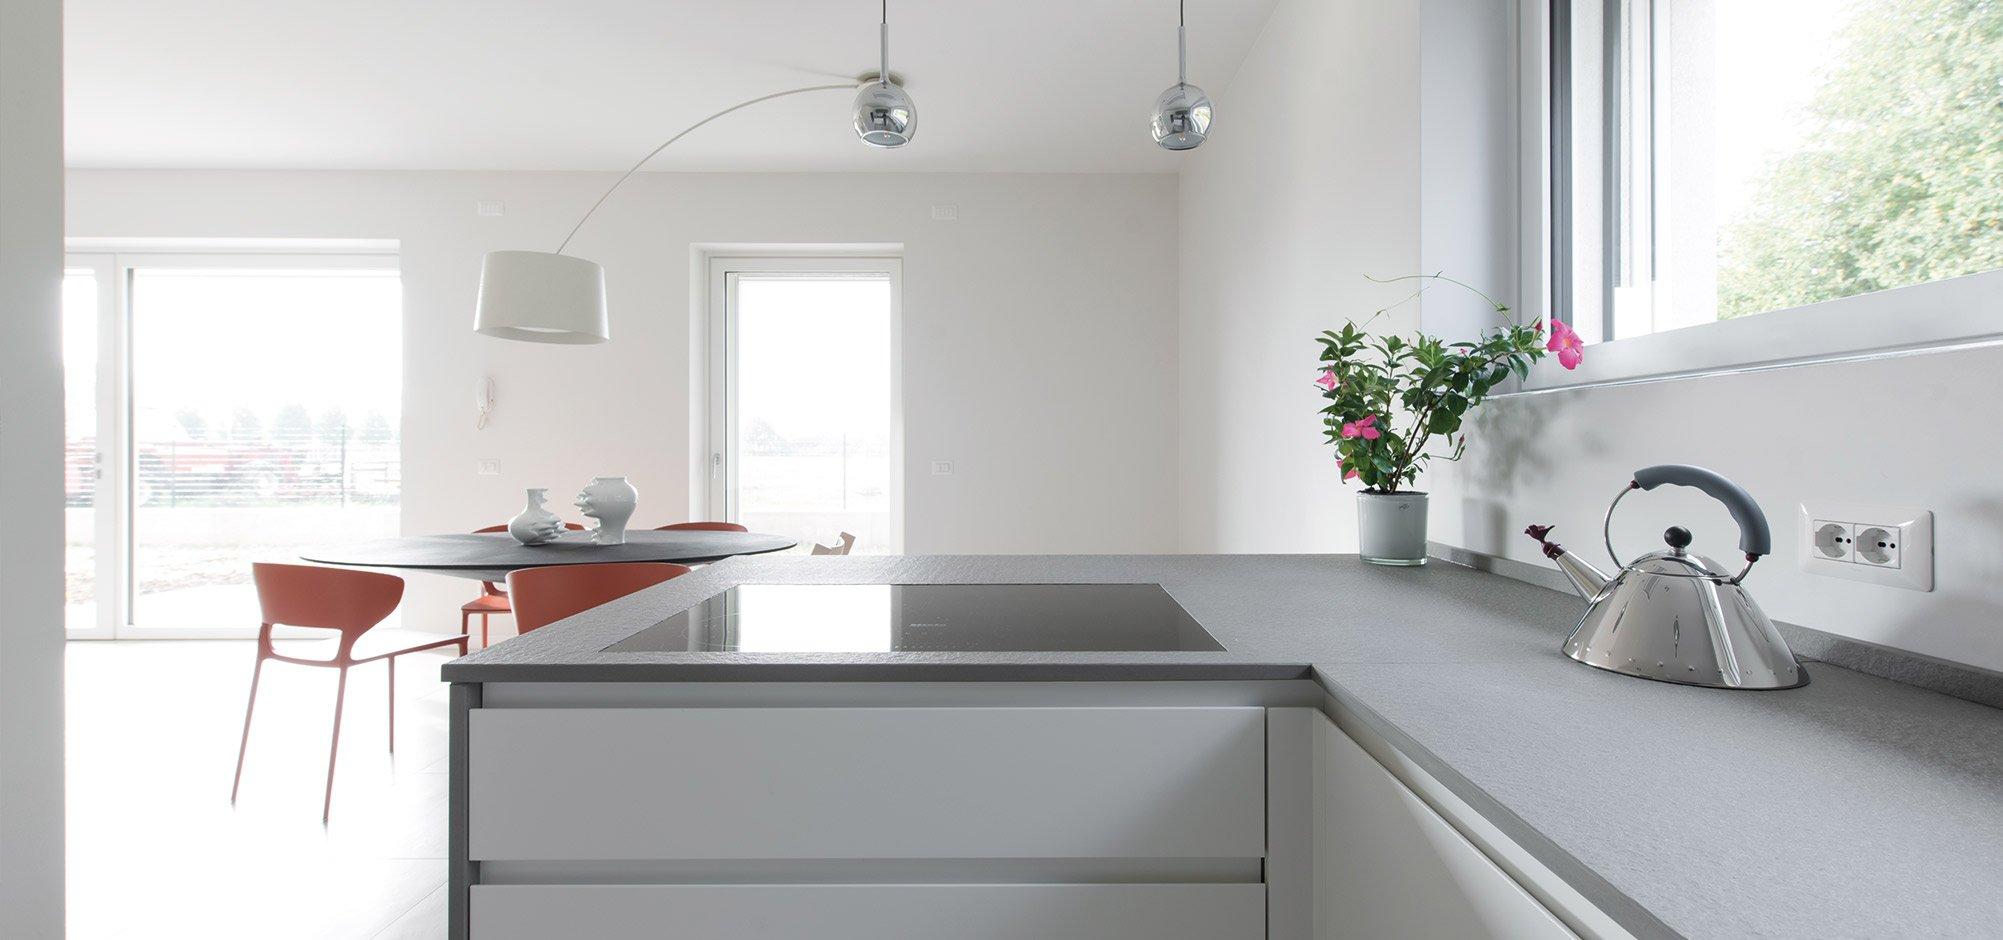 Piano cucina di una casa passiva a Mantova di MAC Costruzioni Generali